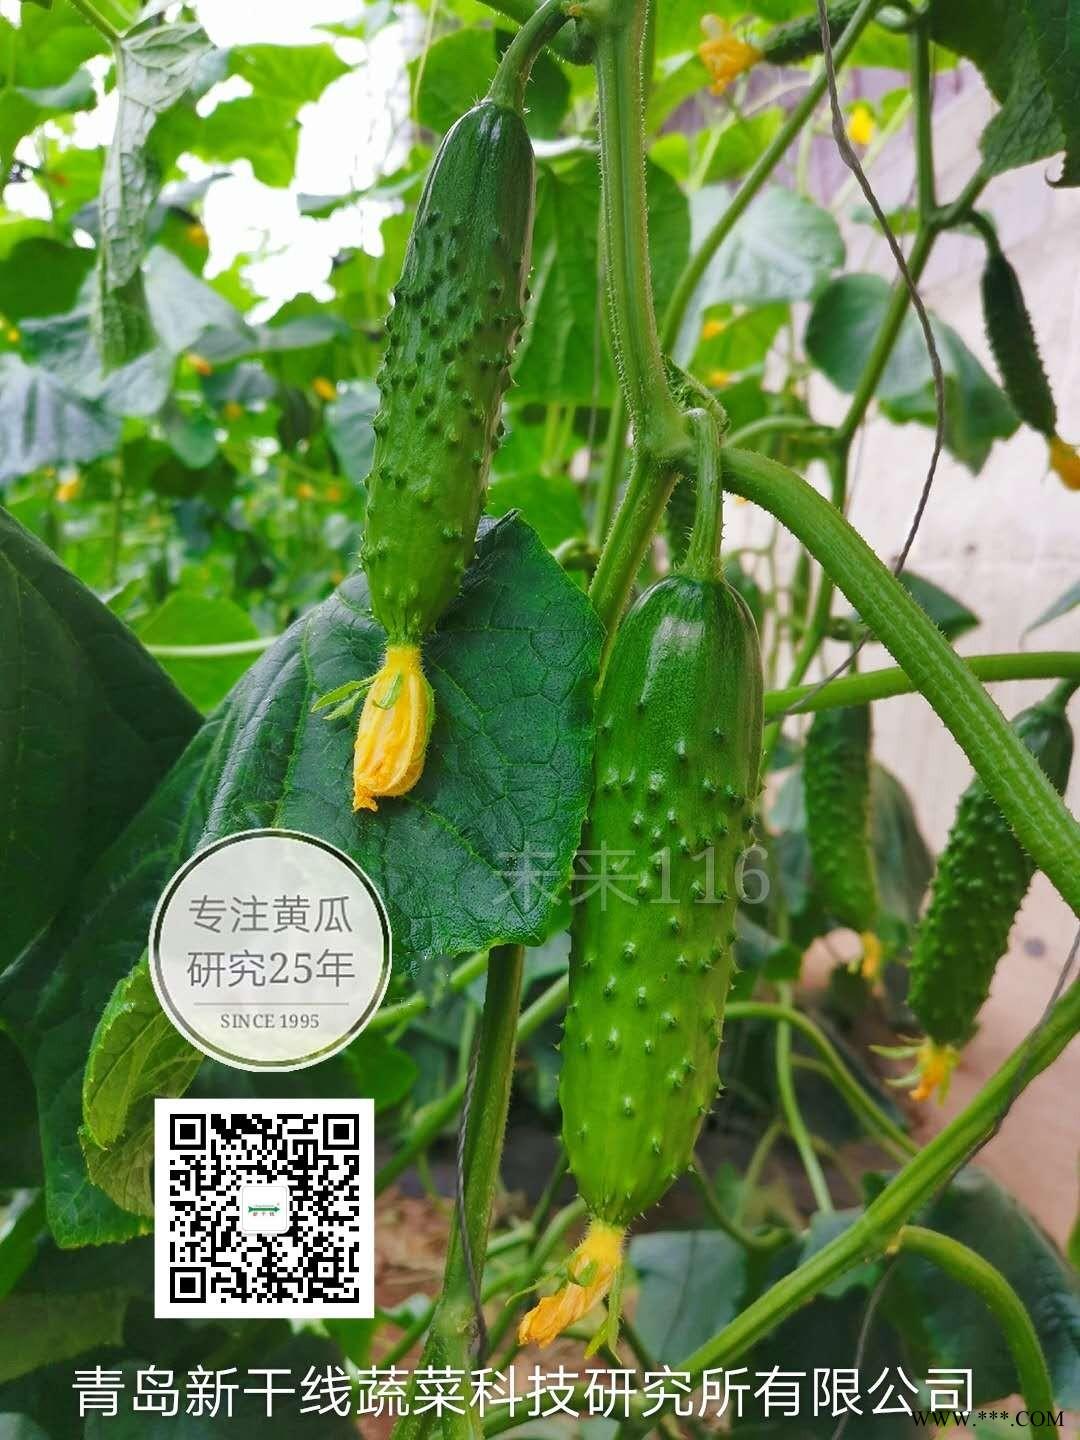 供应大包大刺黄瓜种子未来116